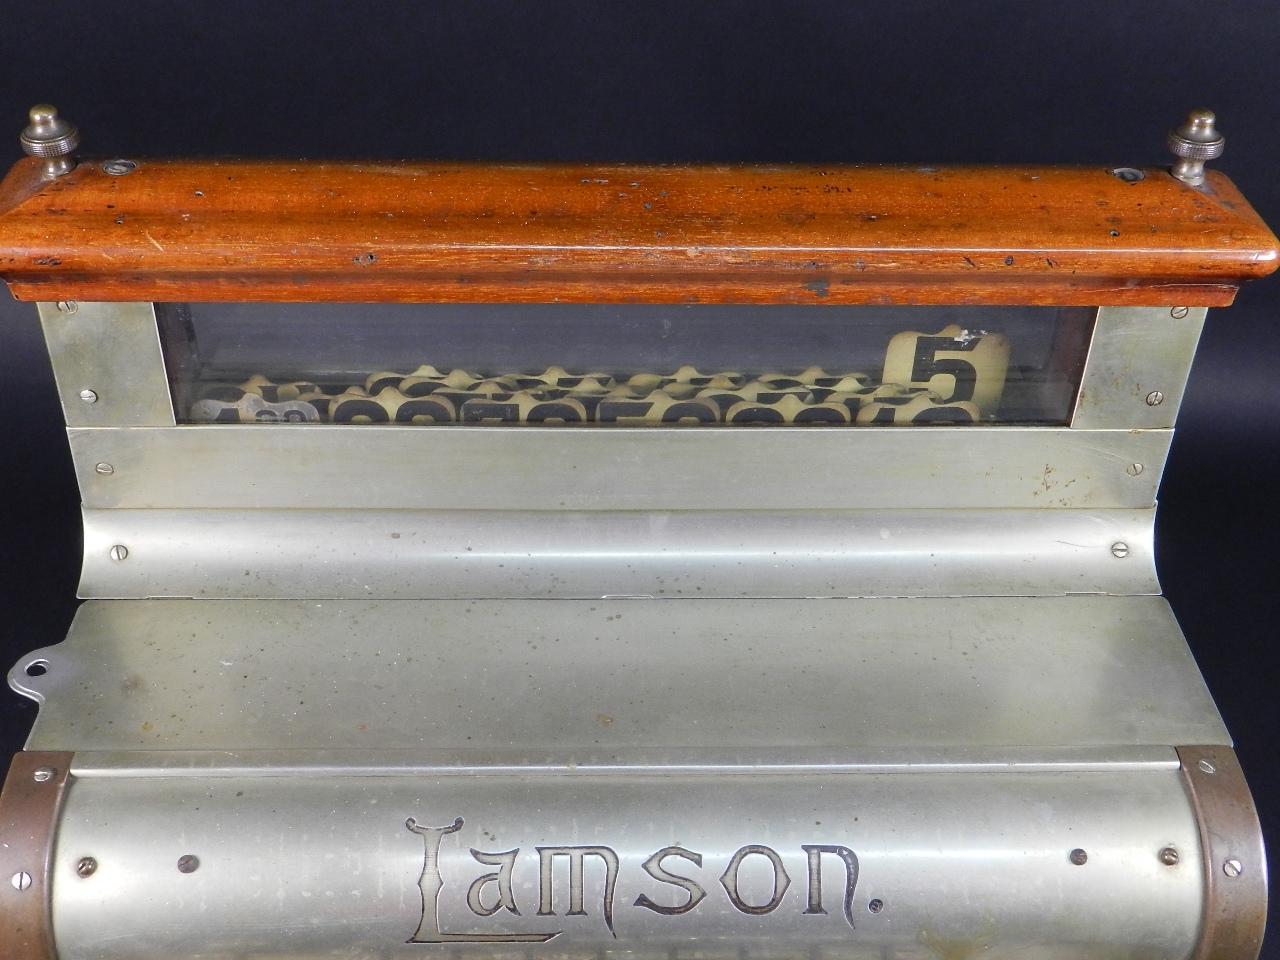 Imagen REGISTRADORA LAMSON Mod.10  AÑO 1895 37843